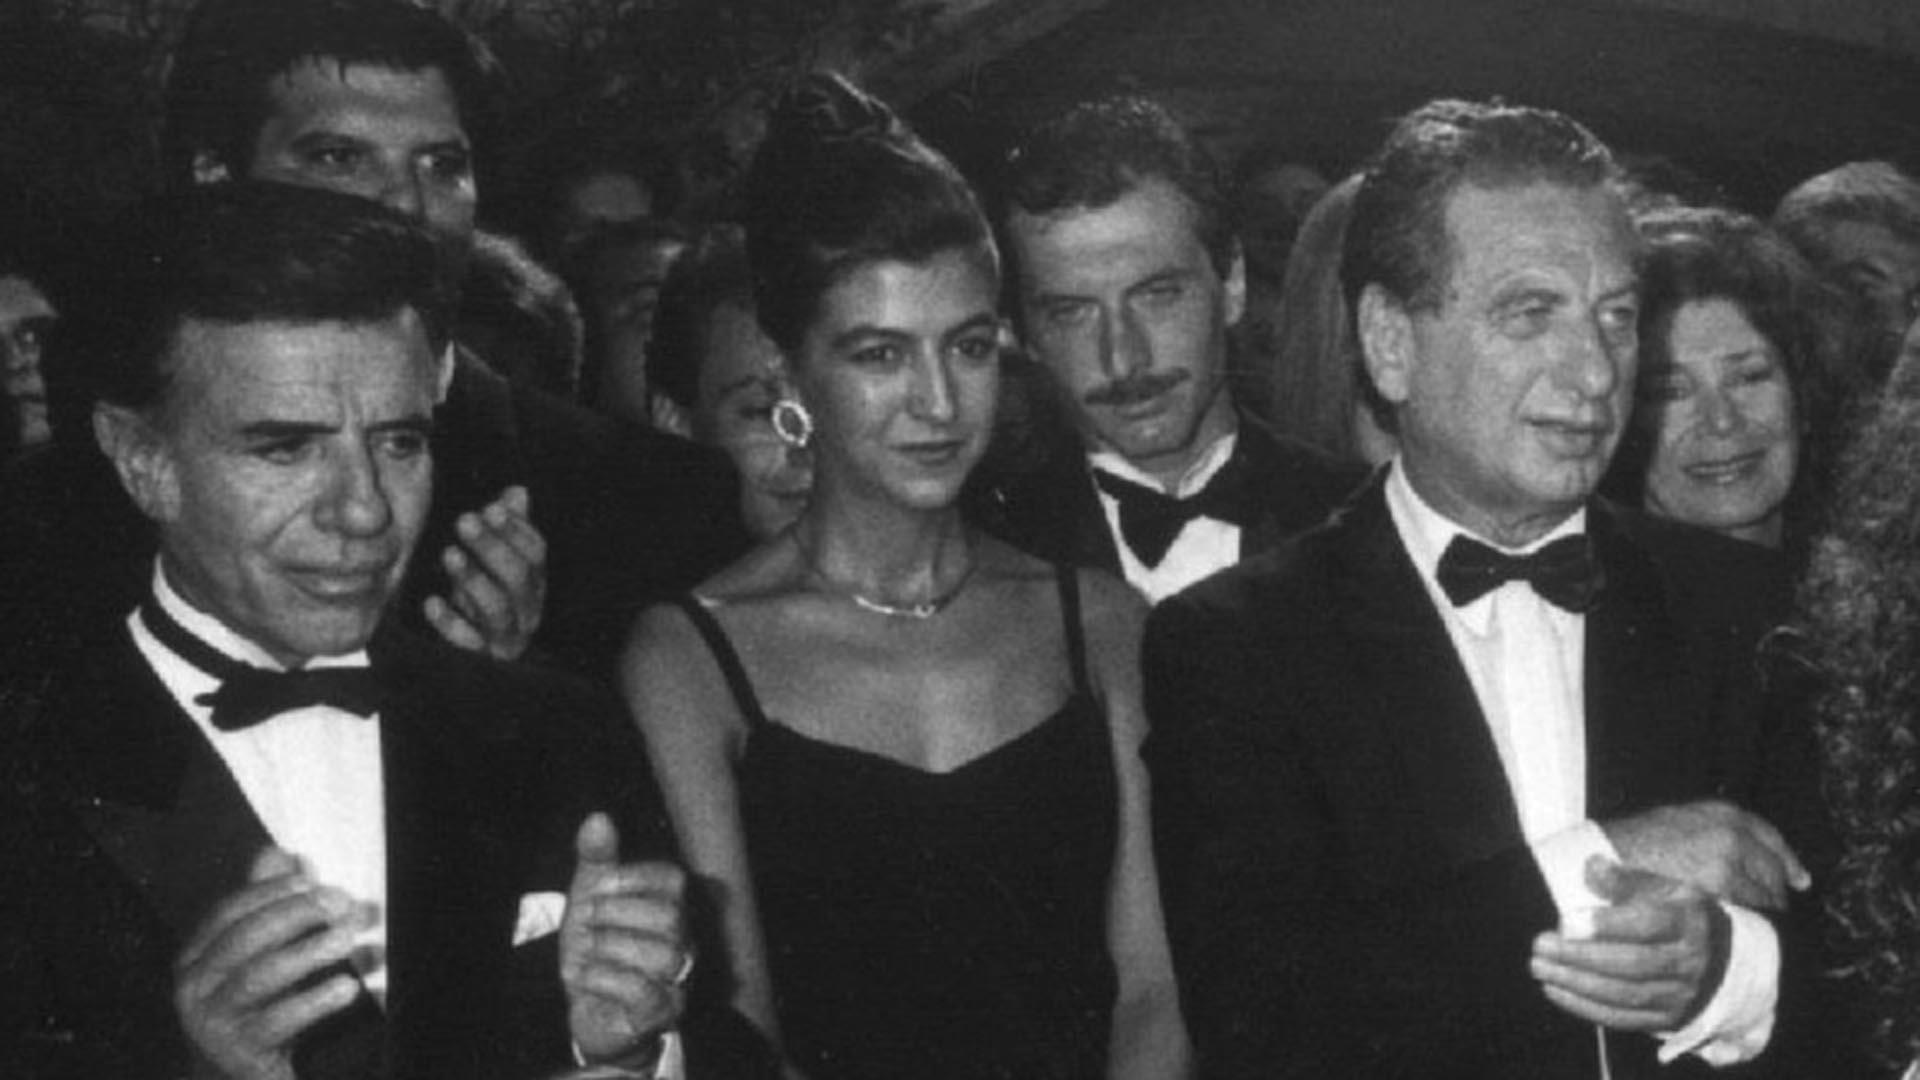 Durante la década del '90, Franco Macri desarrolló un vínculo muy cercano con el ex presidente Carlos Saúl Menem